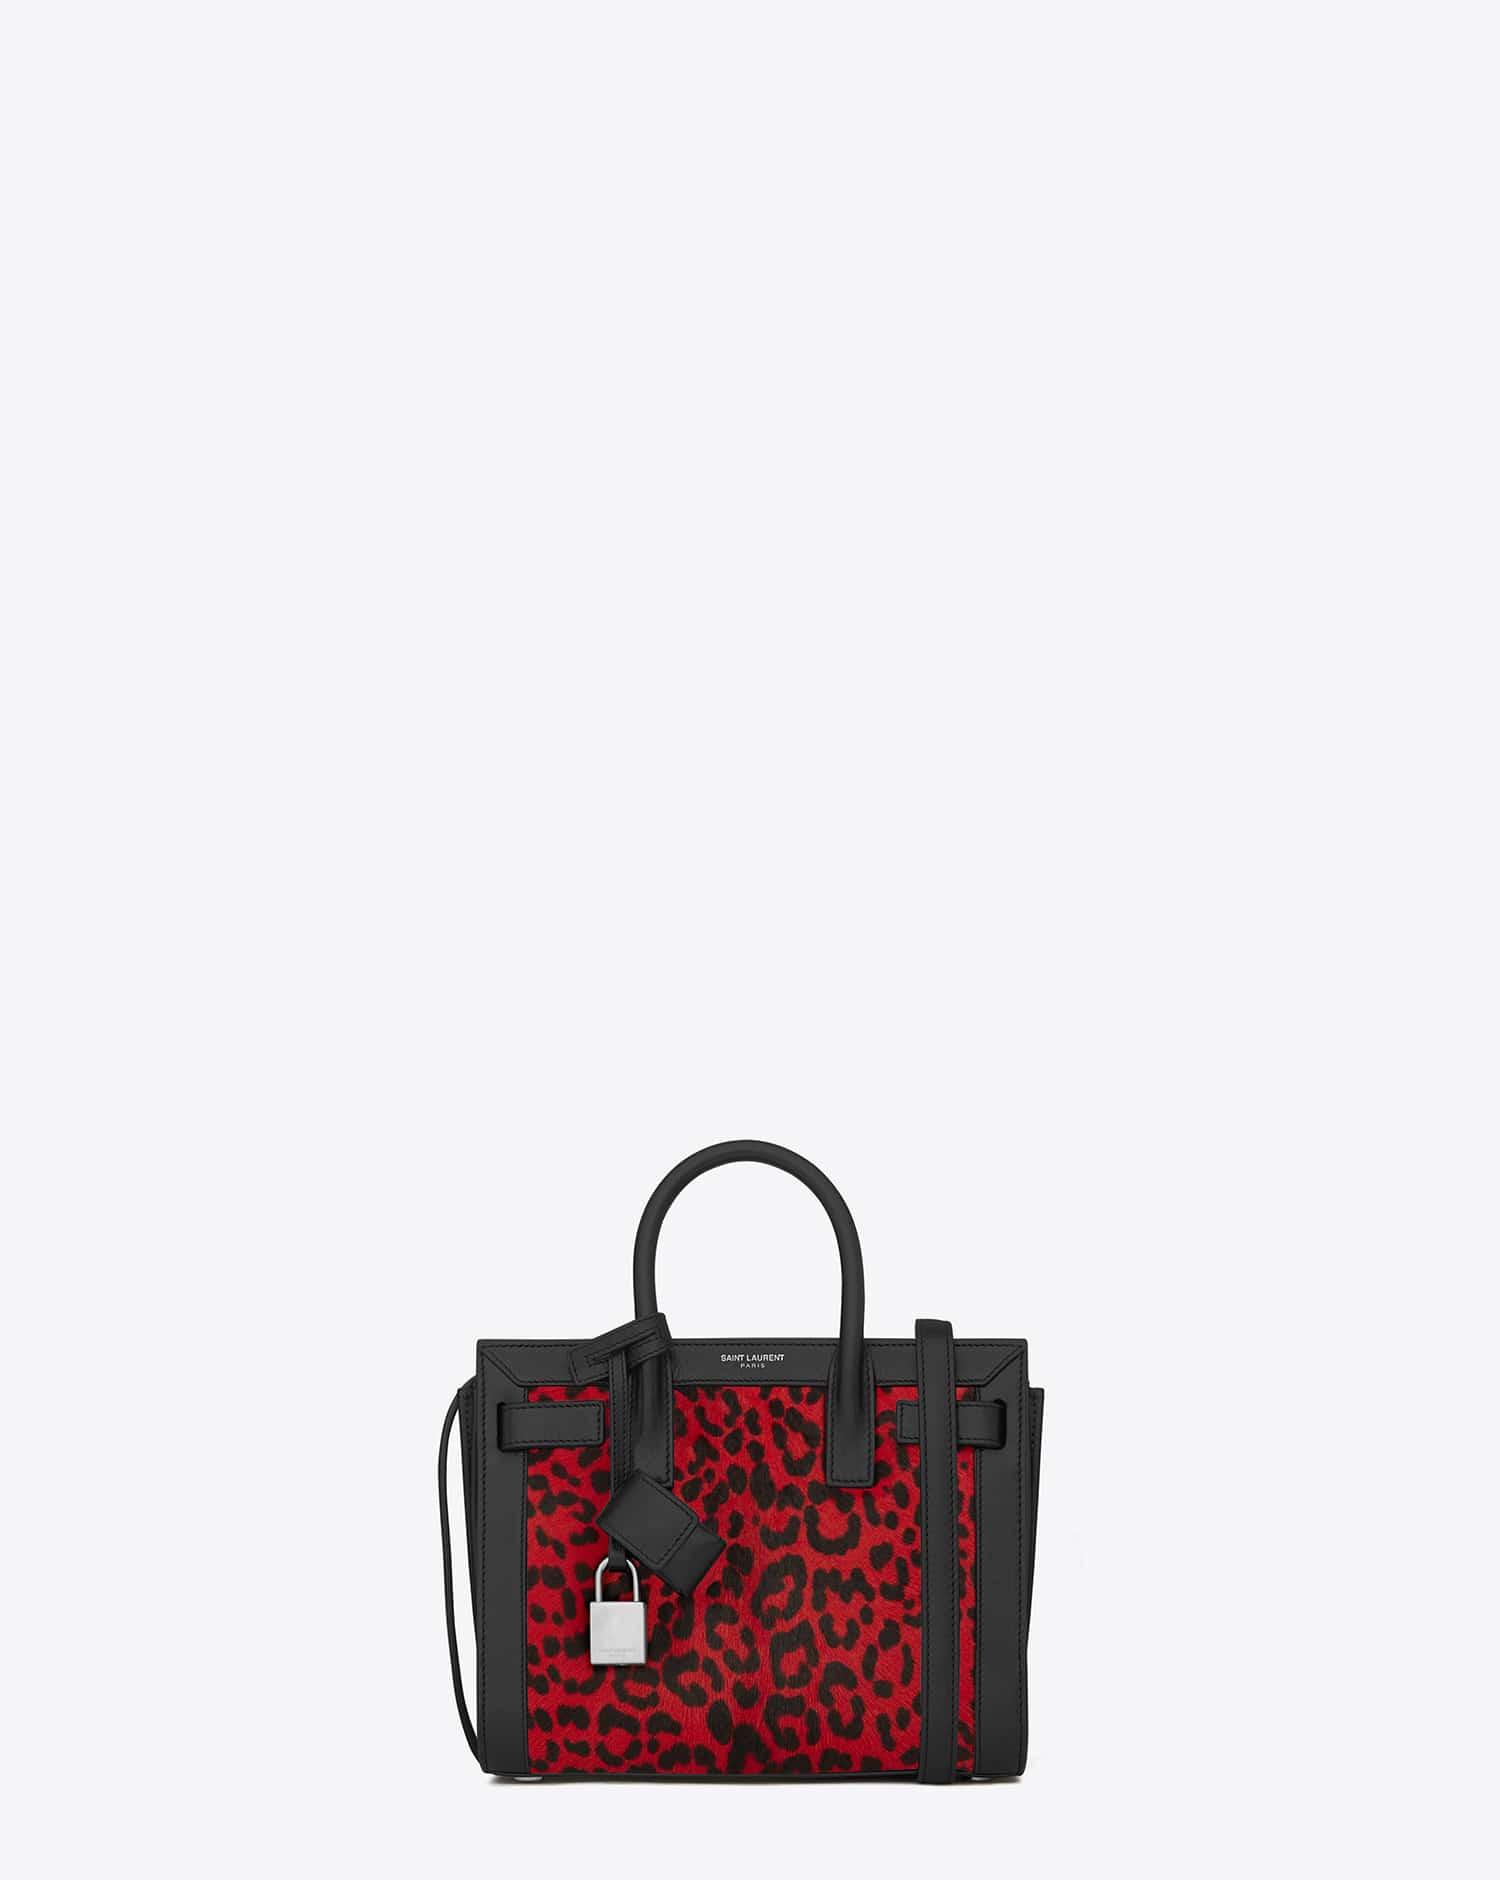 Sac De Jour Toy Satchel Bag, Red